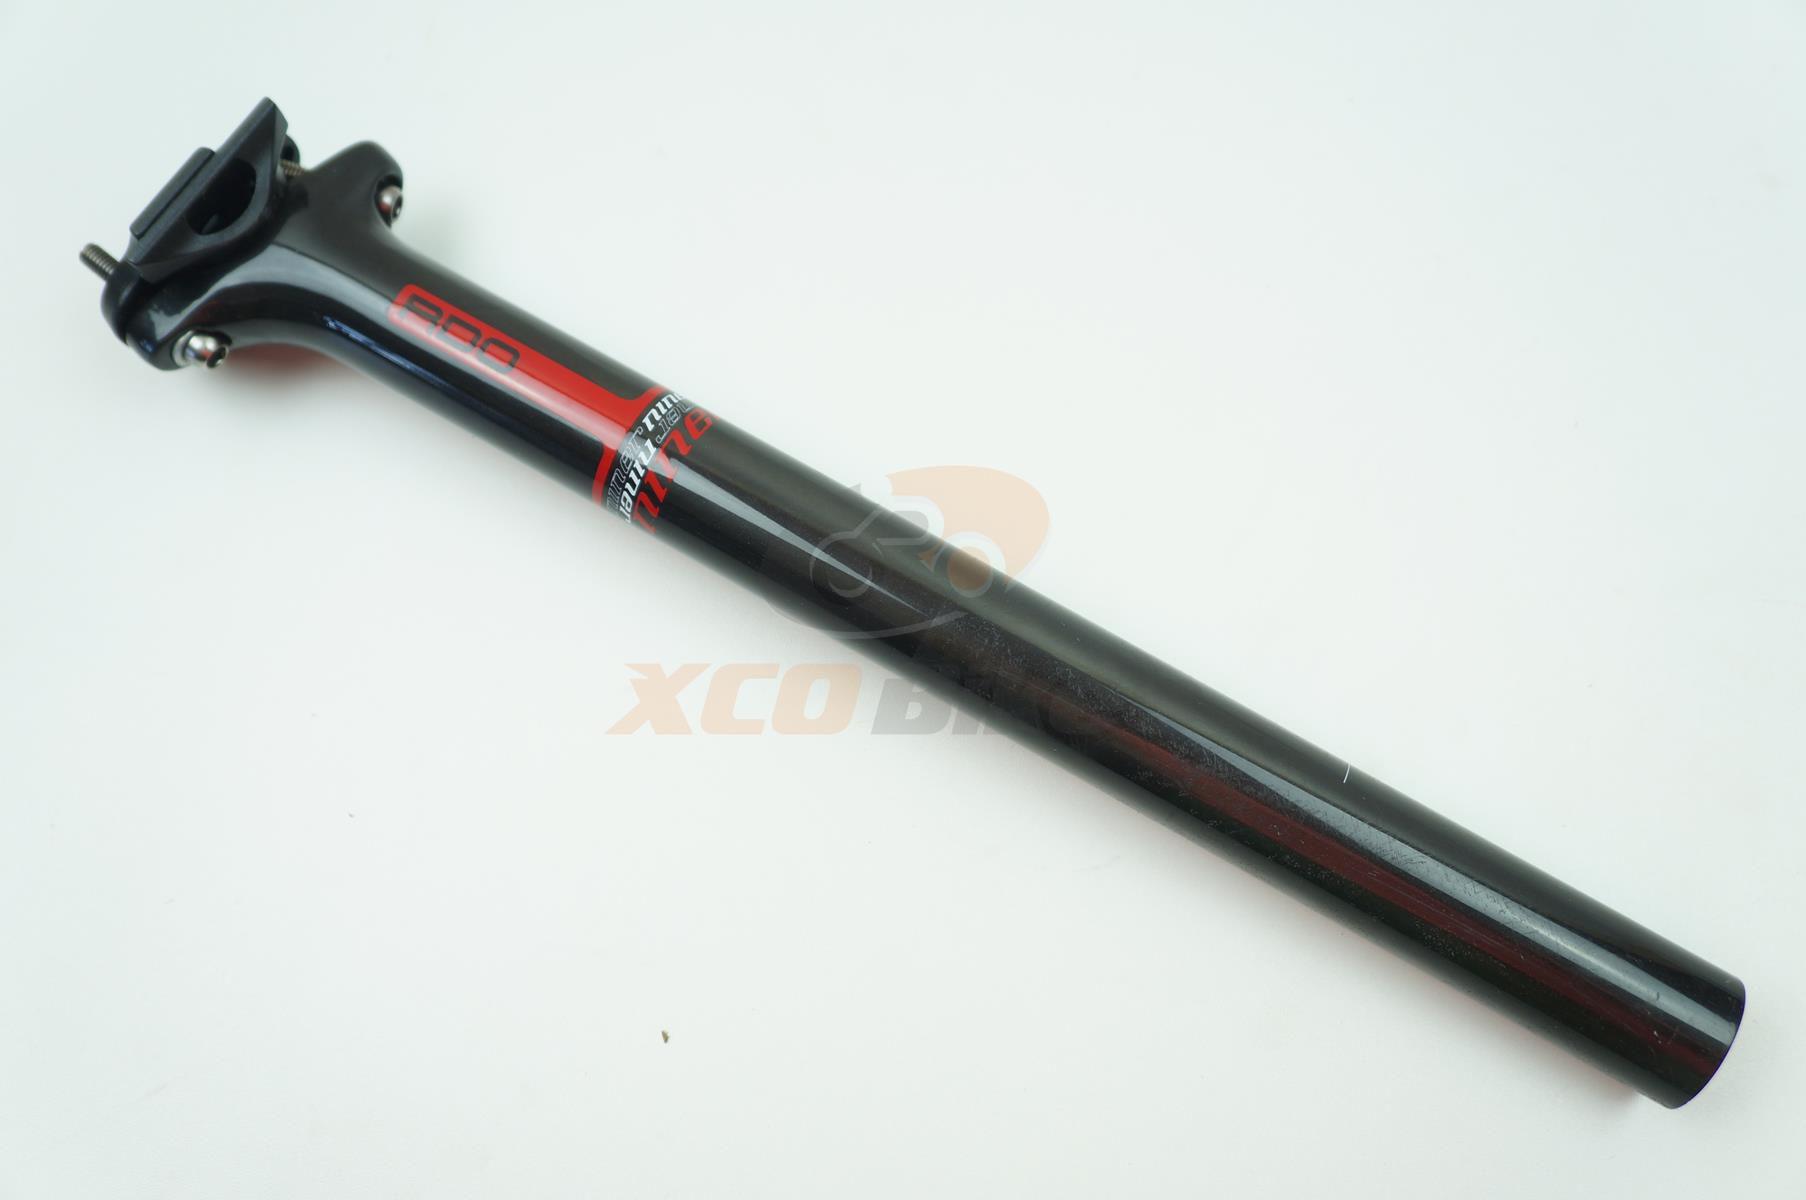 Canote de Selim Niner RDO em Carbono 30.9 x 370mm Preto com Microajuste - USADO